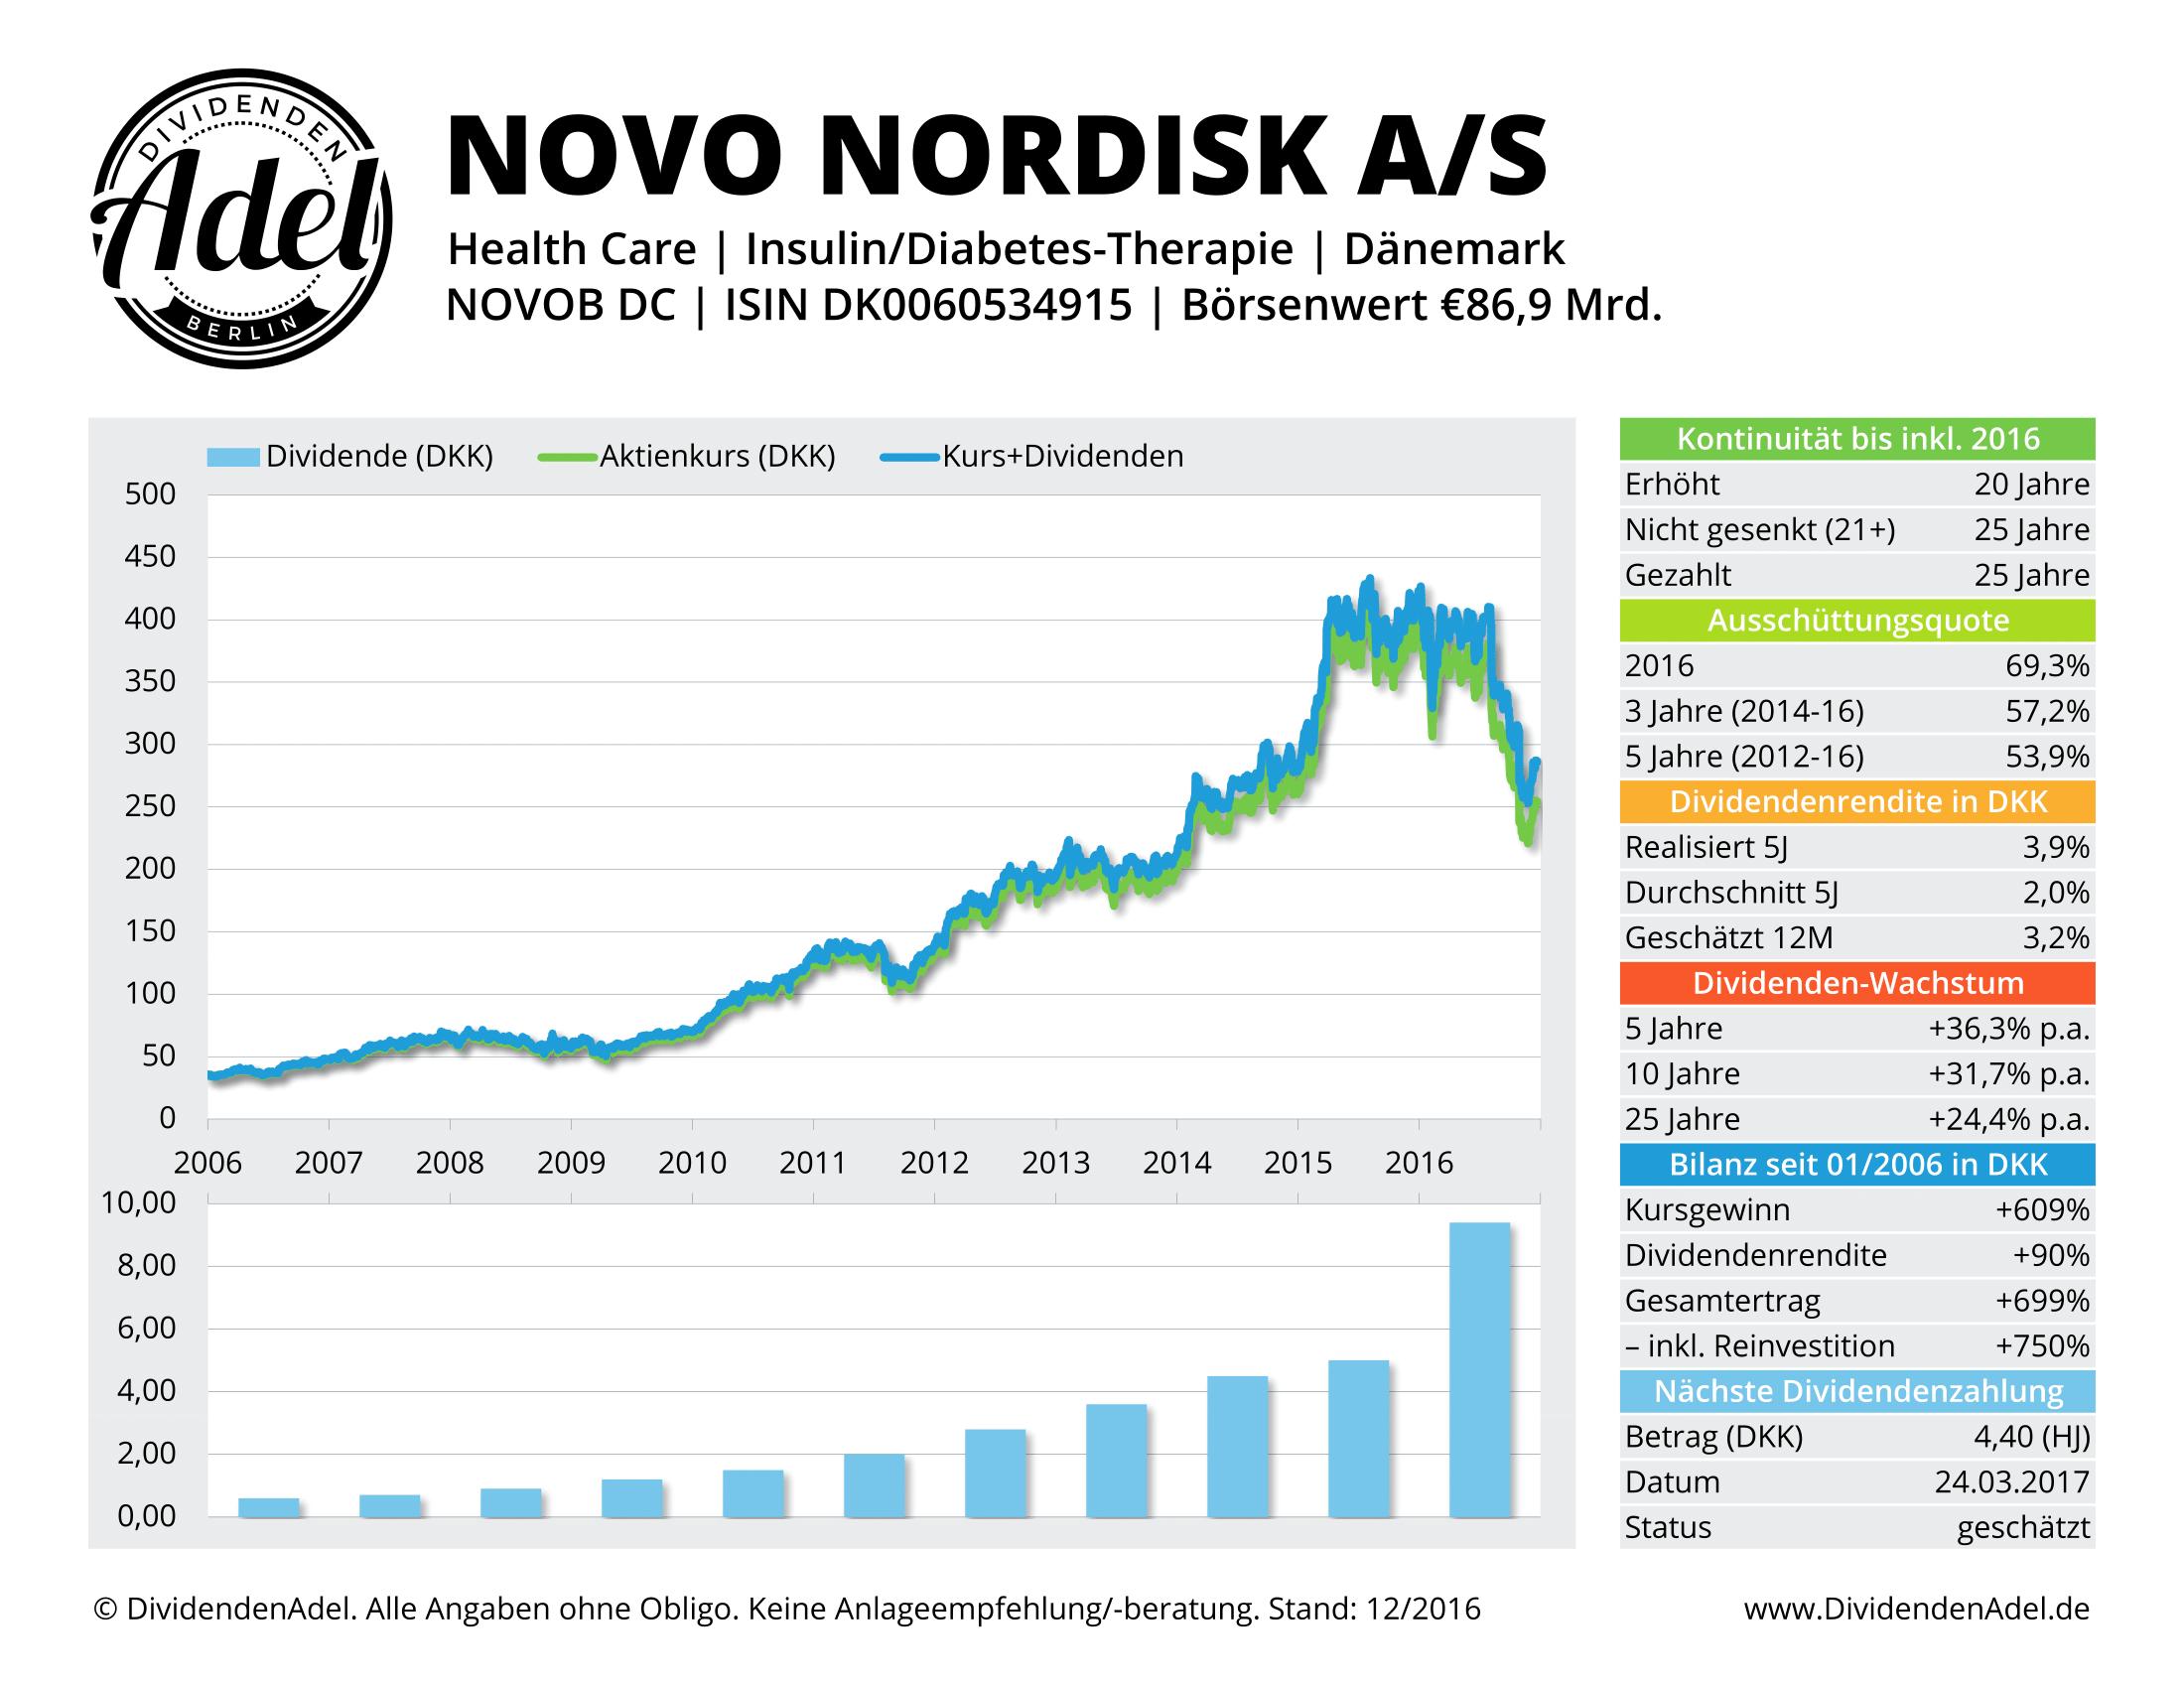 DividendenAdel Dividendenprofil Novo Nordisk